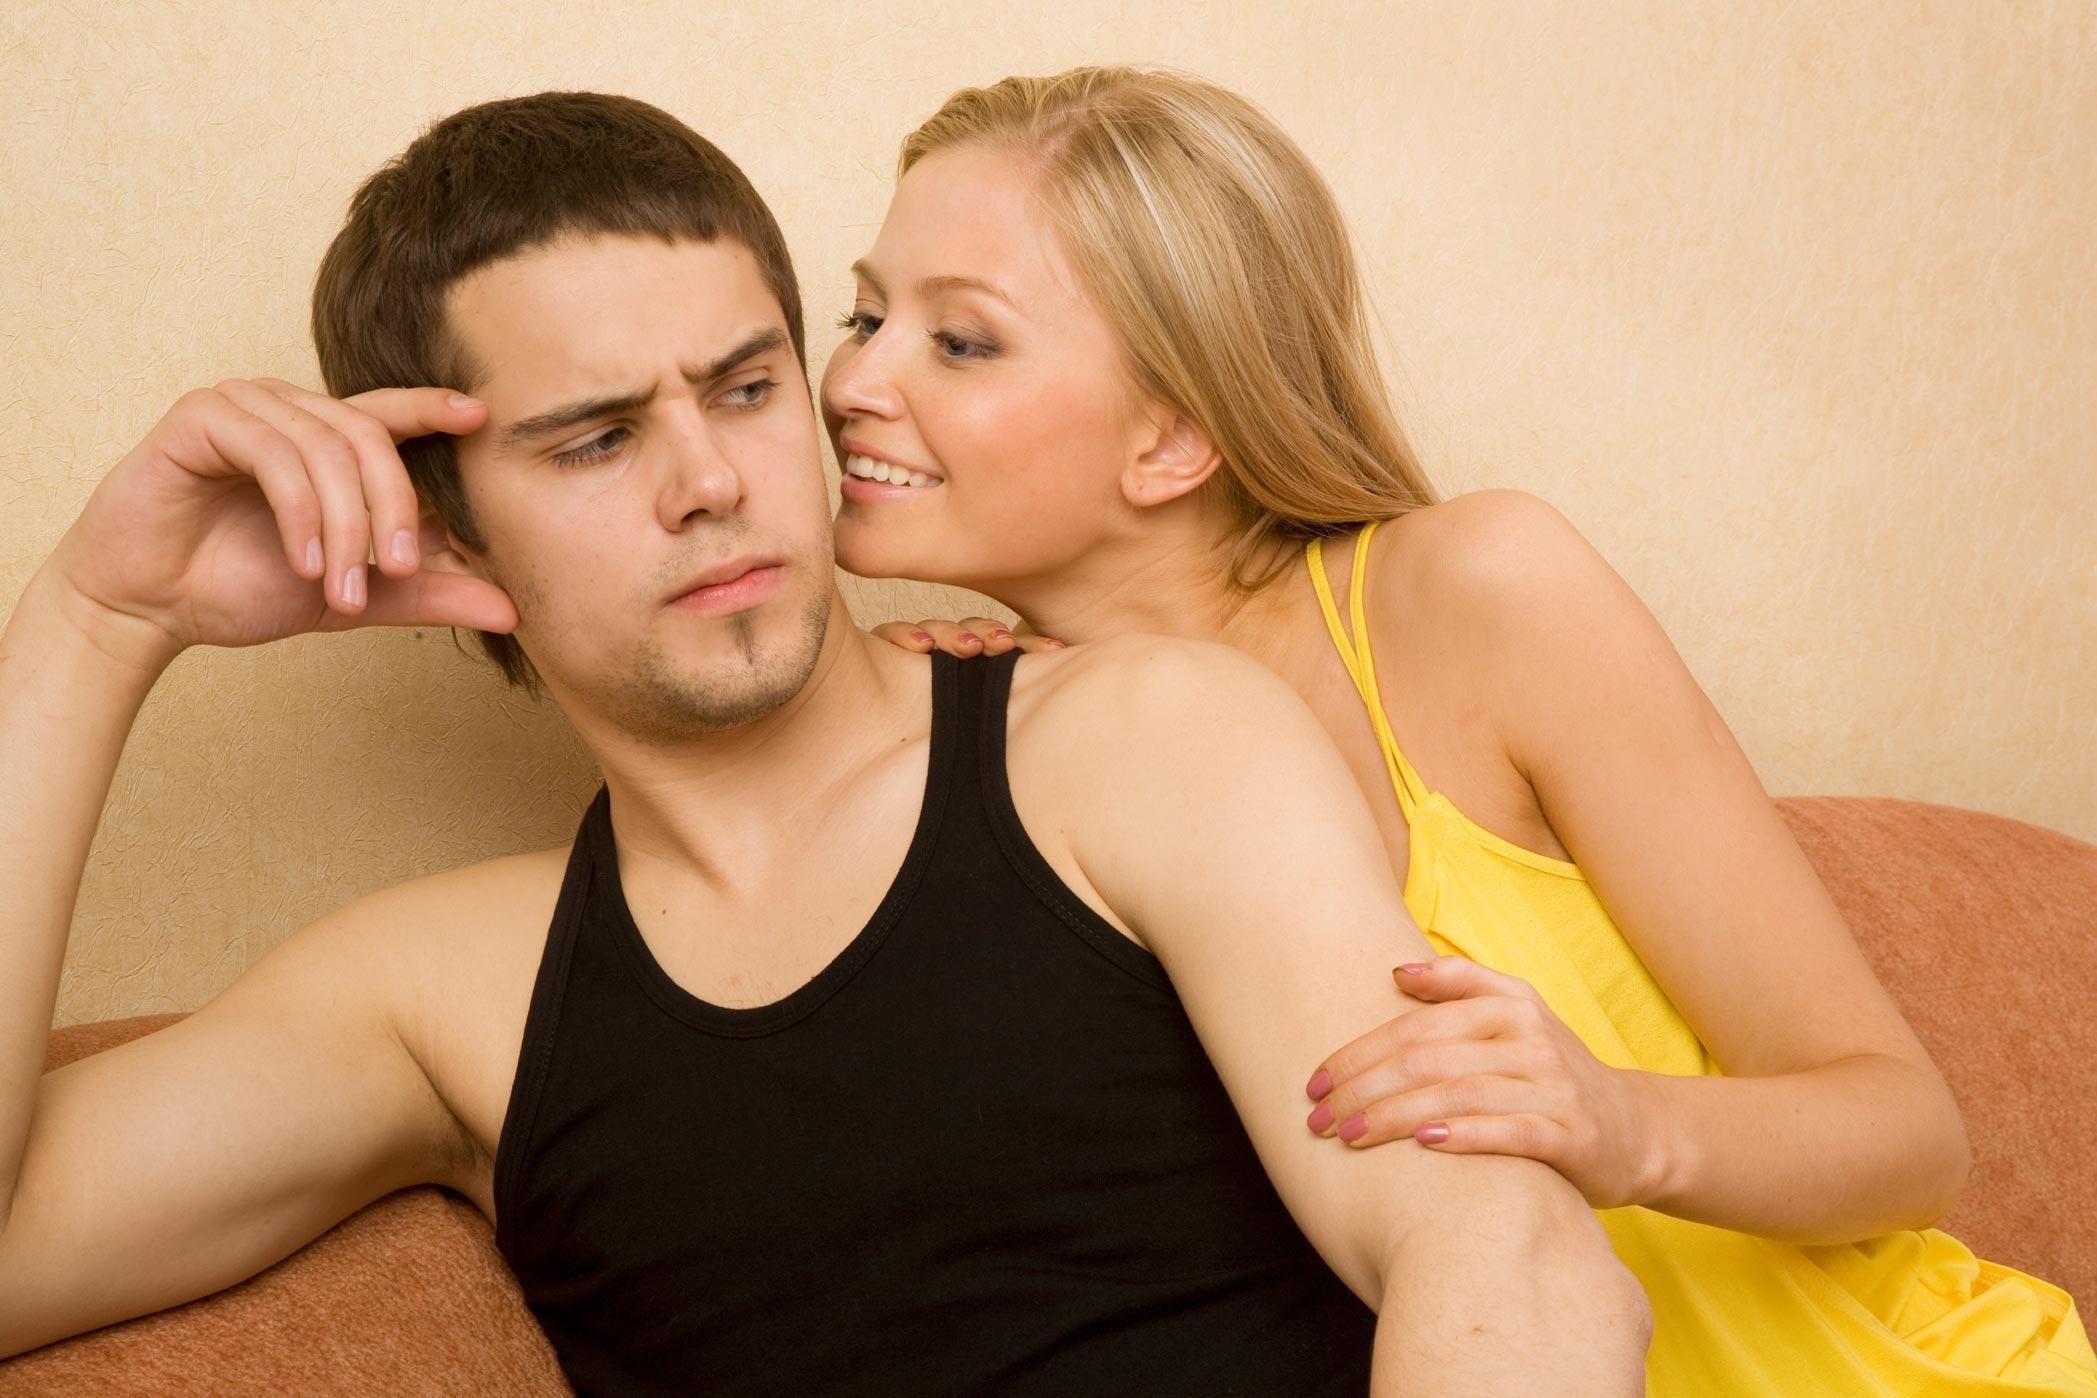 Почему девушка не хочет своего мужика, 5 причин почему мужчина не хочет секса? 8 фотография